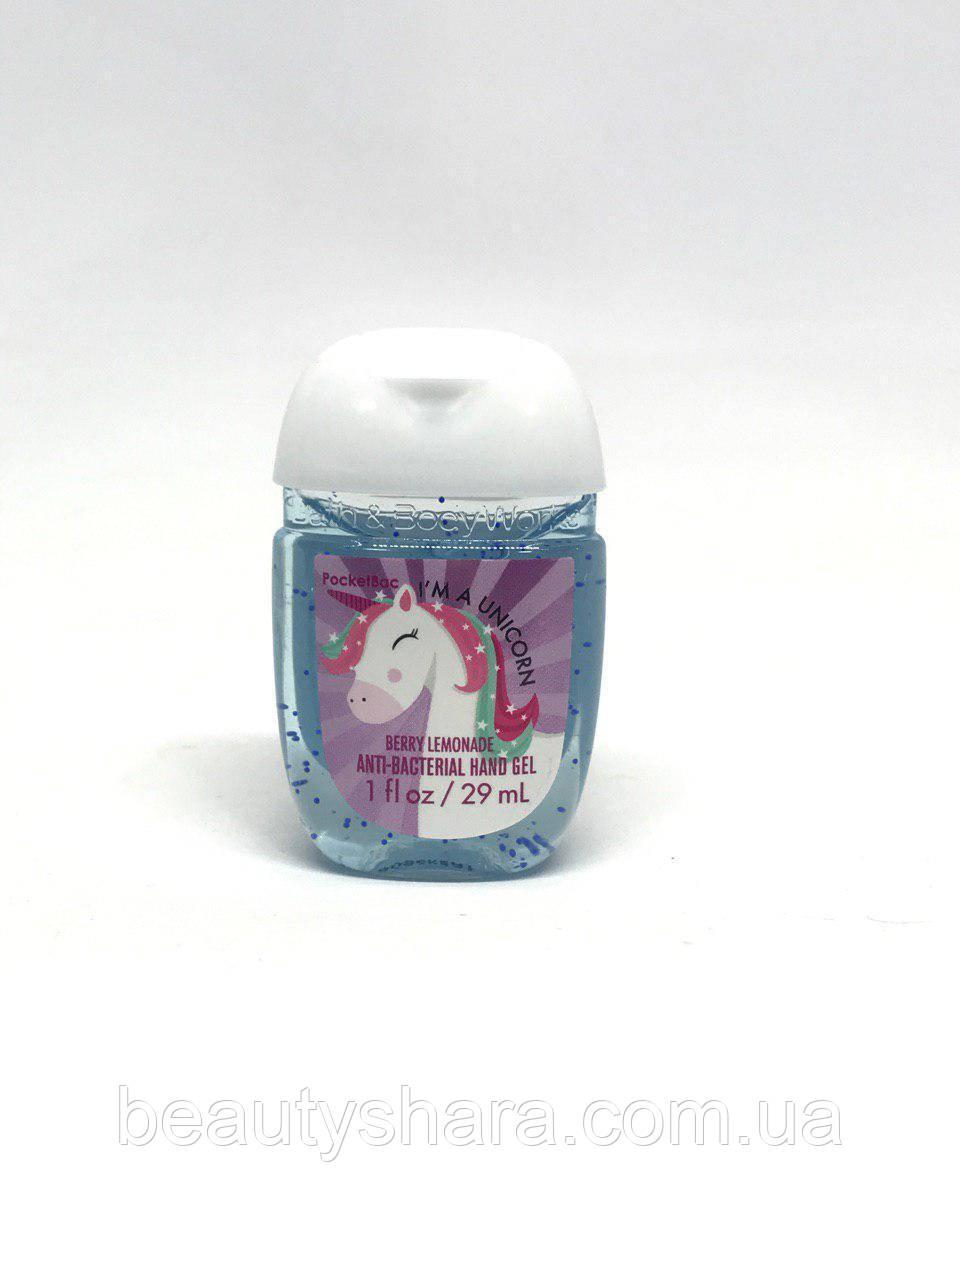 Санитайзер Bath & body works I'MA Unicorn 29mL